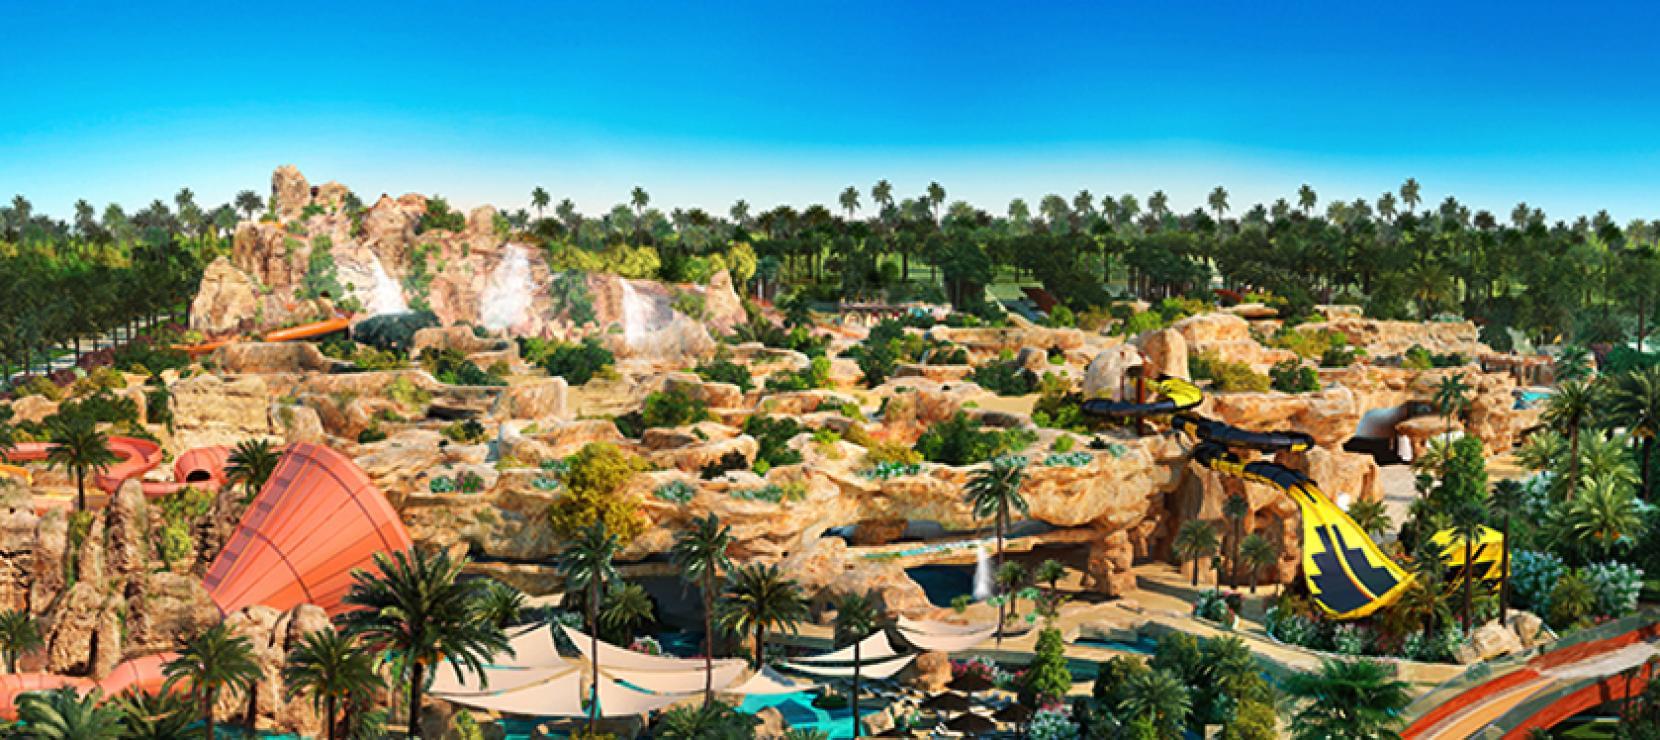 Theme Park in Qatar